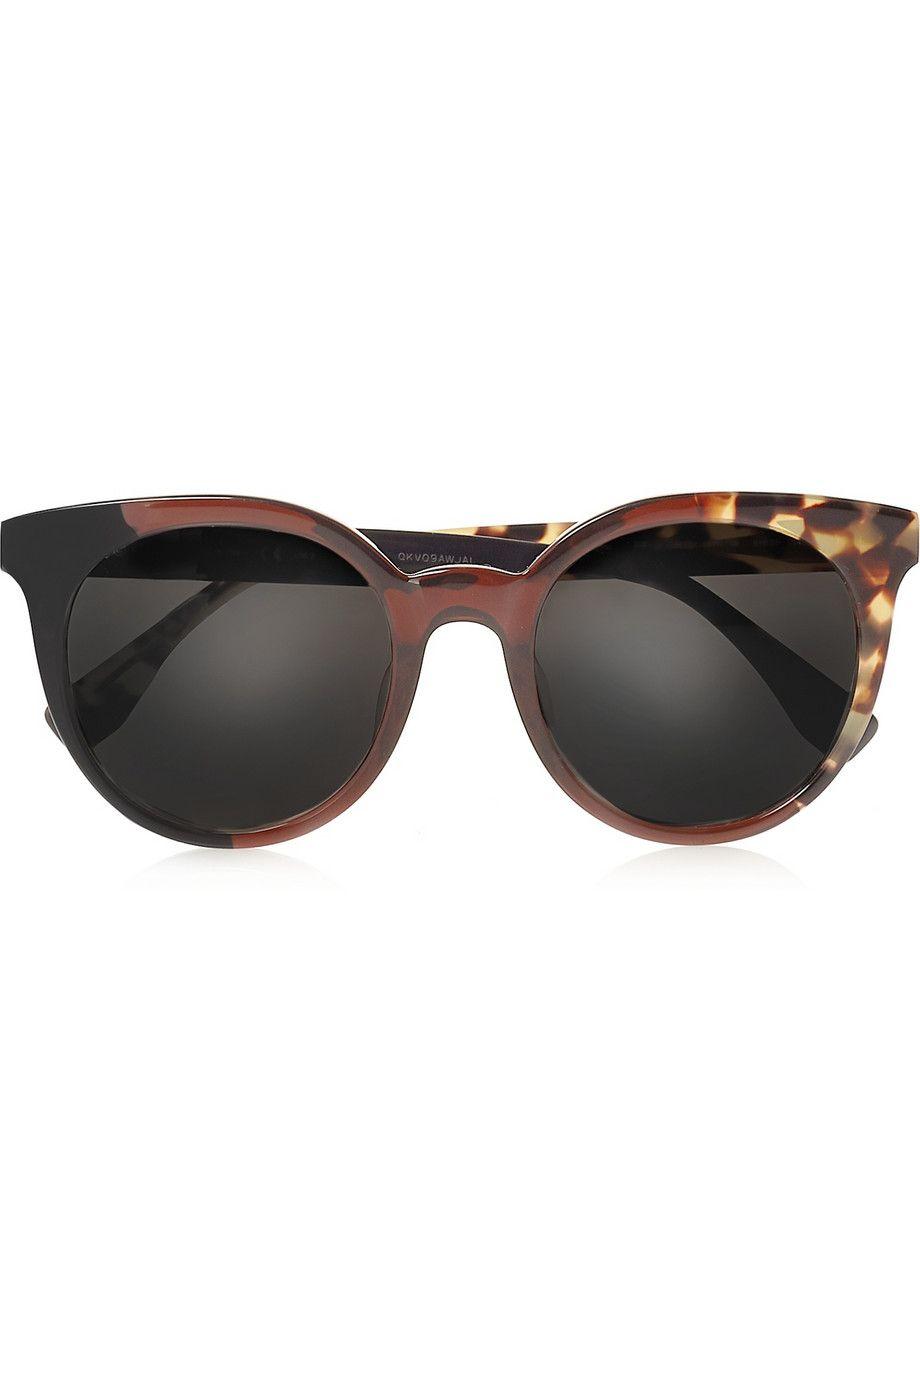 Fendi | Round-frame acetate sunglasses | NET-A-PORTER.COM | Shopping ...